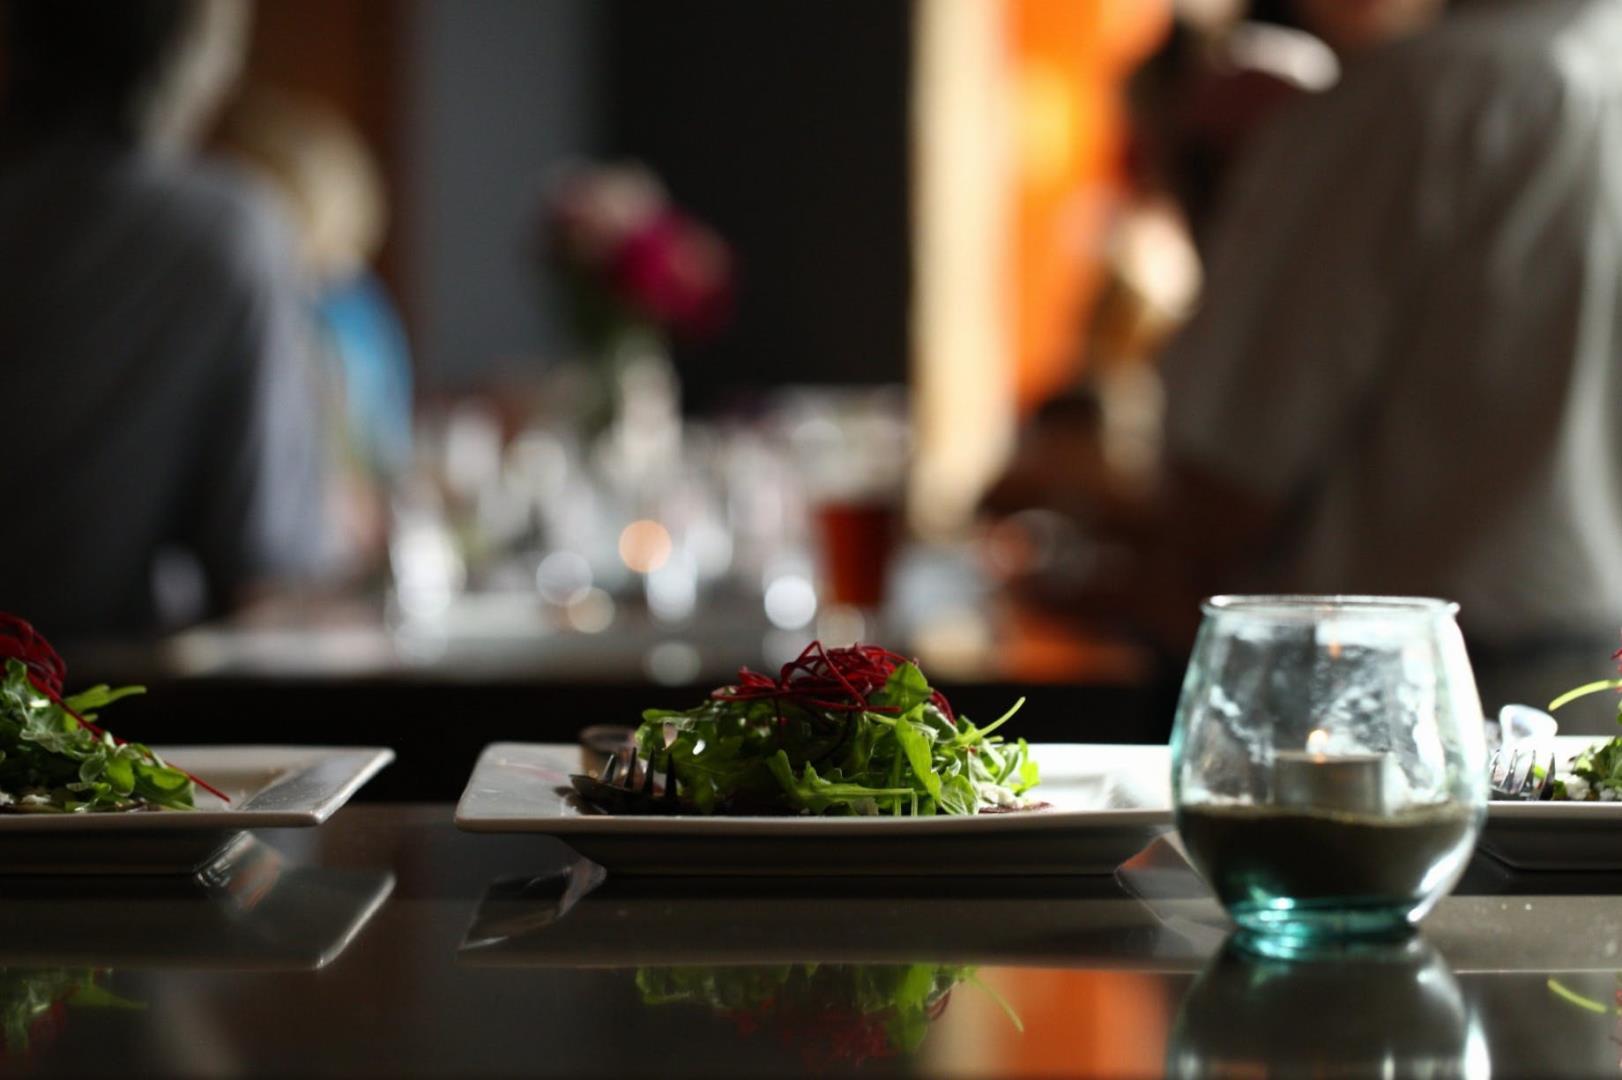 Basil & Mint Restaurant - Picture